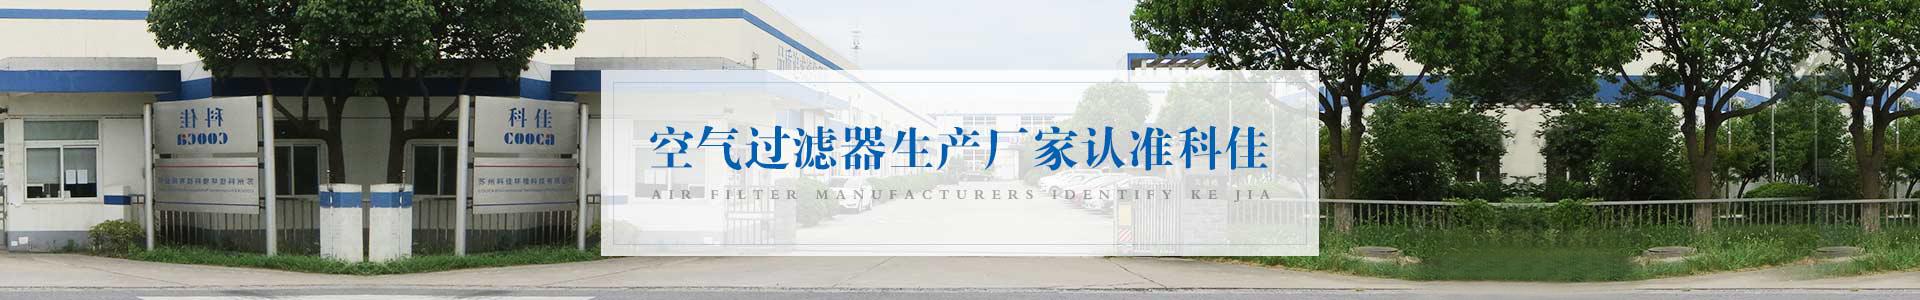 科佳空气过滤器生产厂家认准科佳